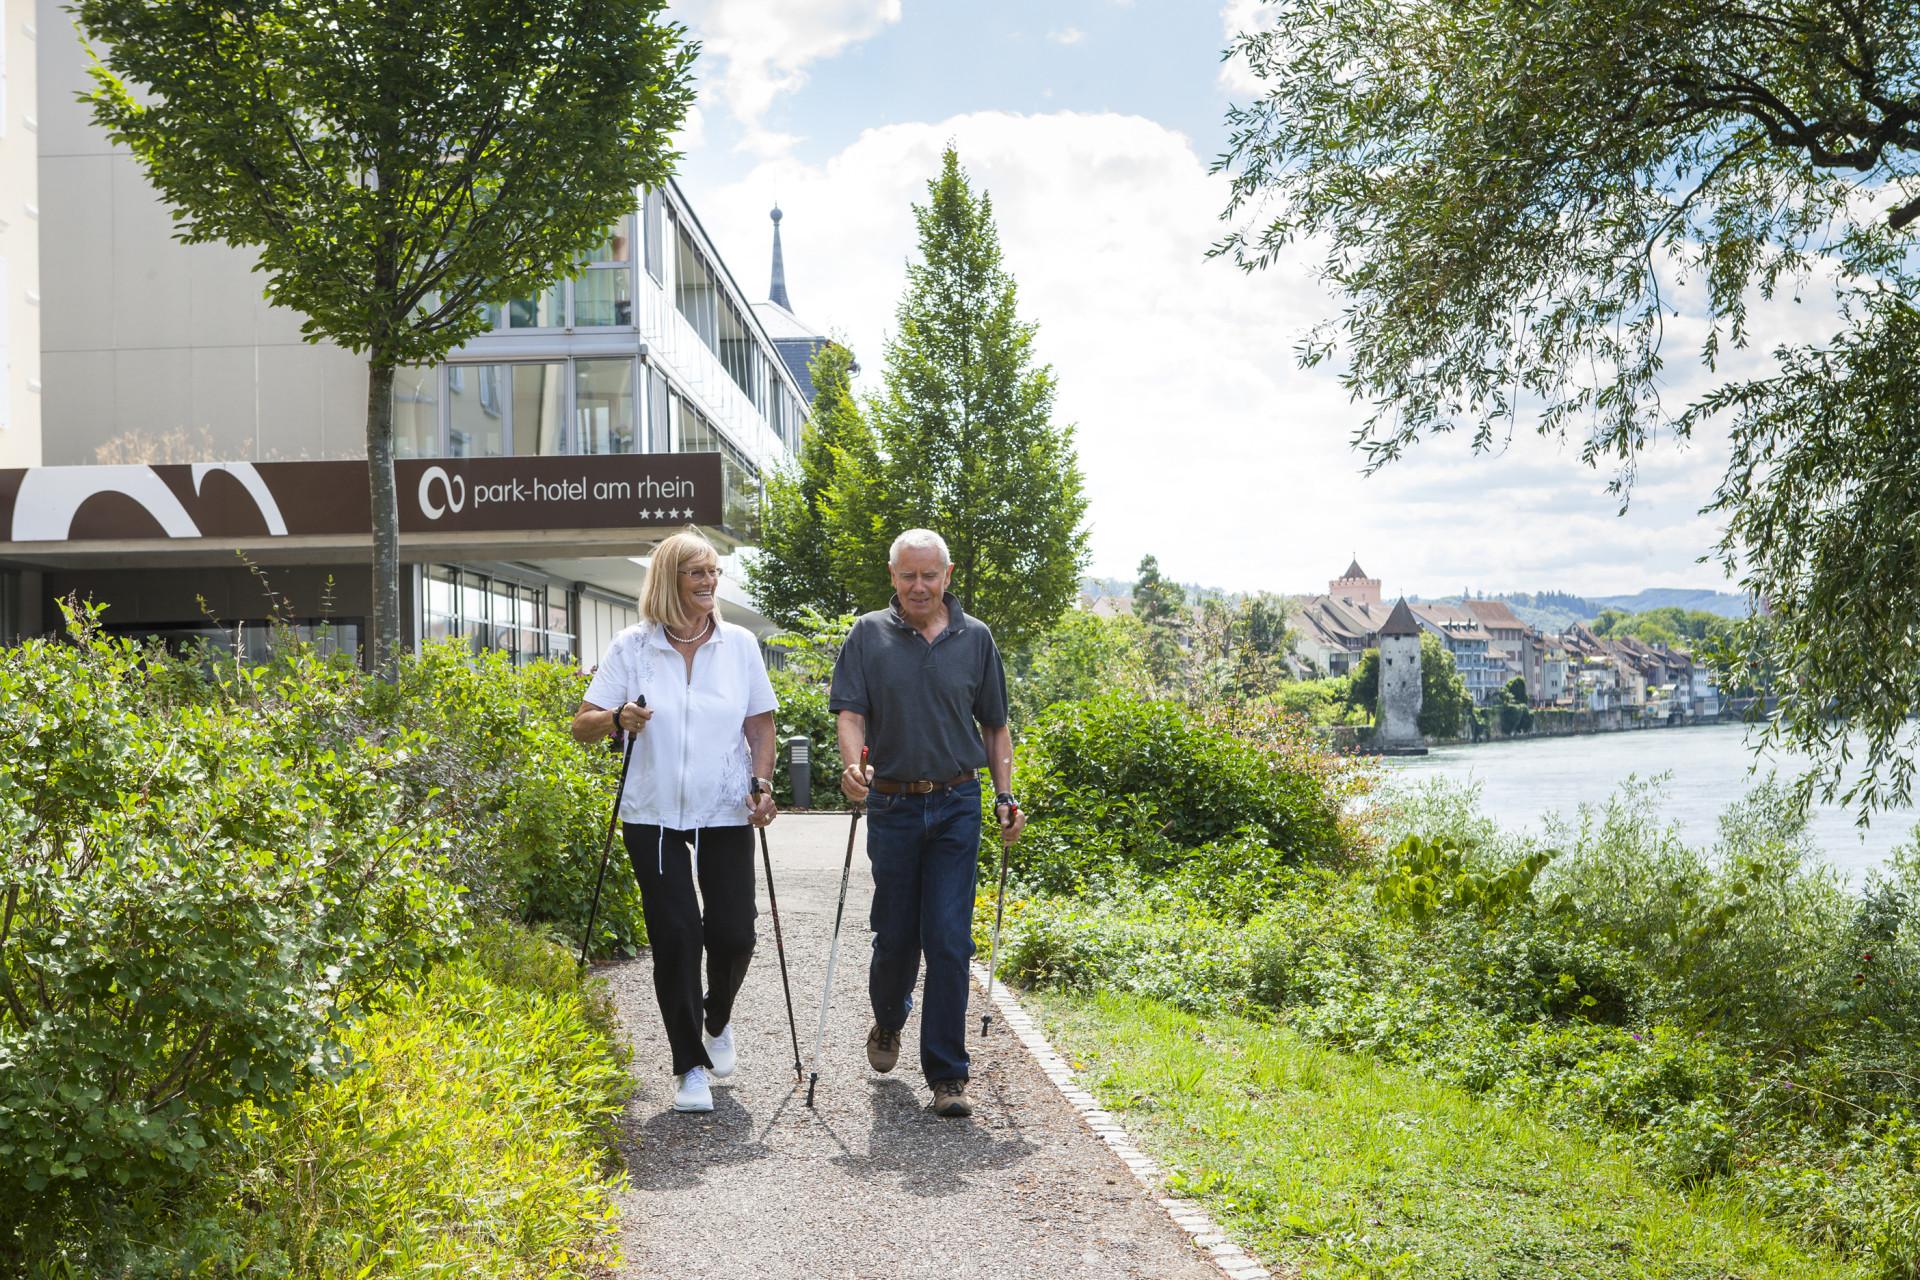 Mann und Frau laufen mit Nordic-Walking-Stöcken vor Hoteleingang los